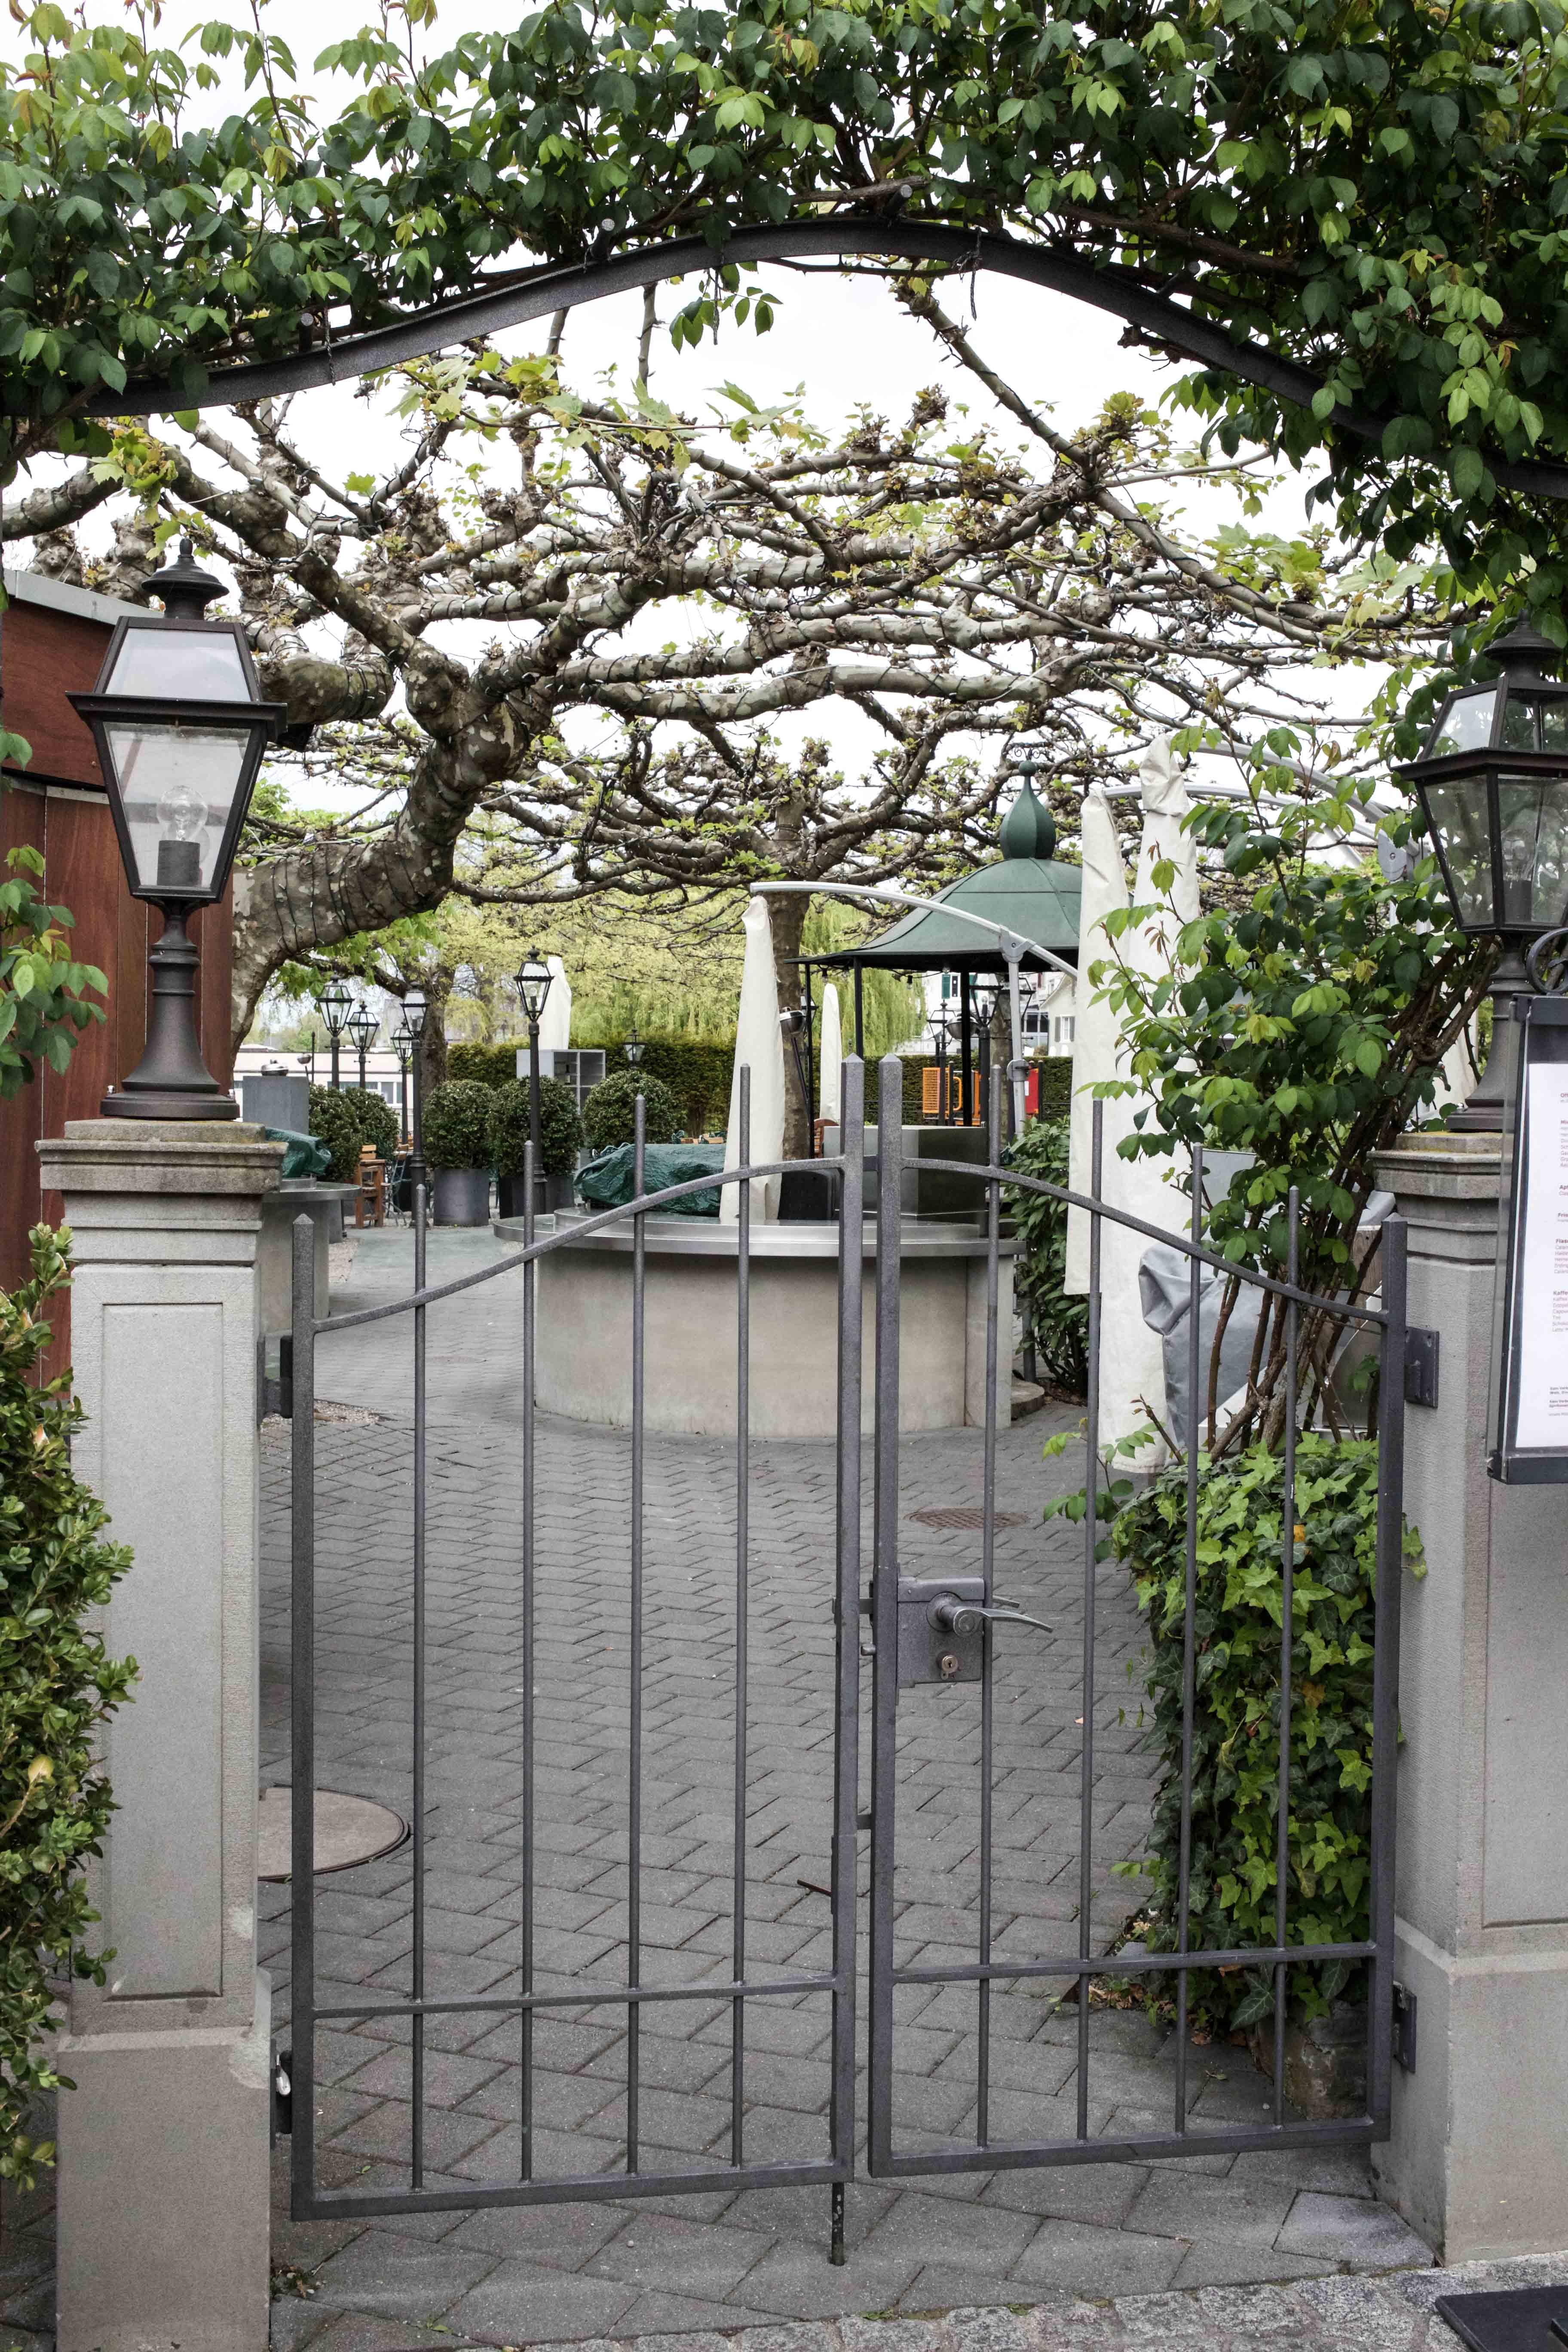 Hotelreview-Hotelempfehlung-Zürich-Küsnacht-Romantik-Hotels-Seehotel-Sonne_6931